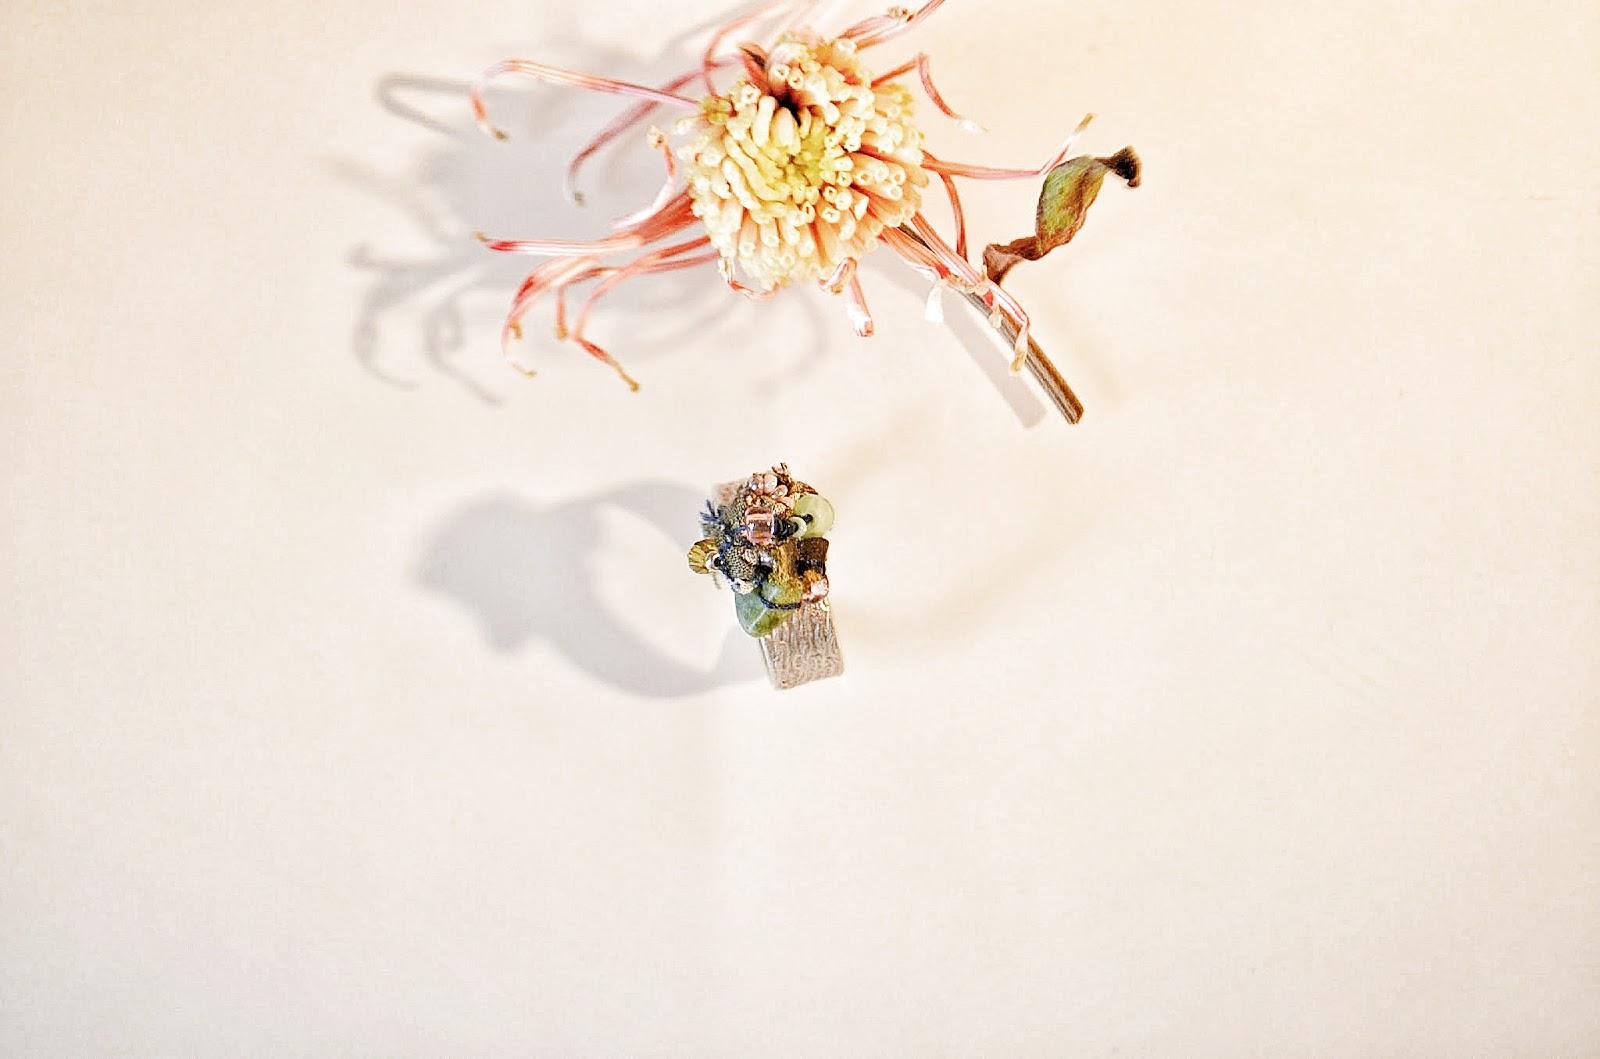 Fleur d'automne. Bague Création. Miss Tiguidou. - Copyright Agathe LaTuque 2014.